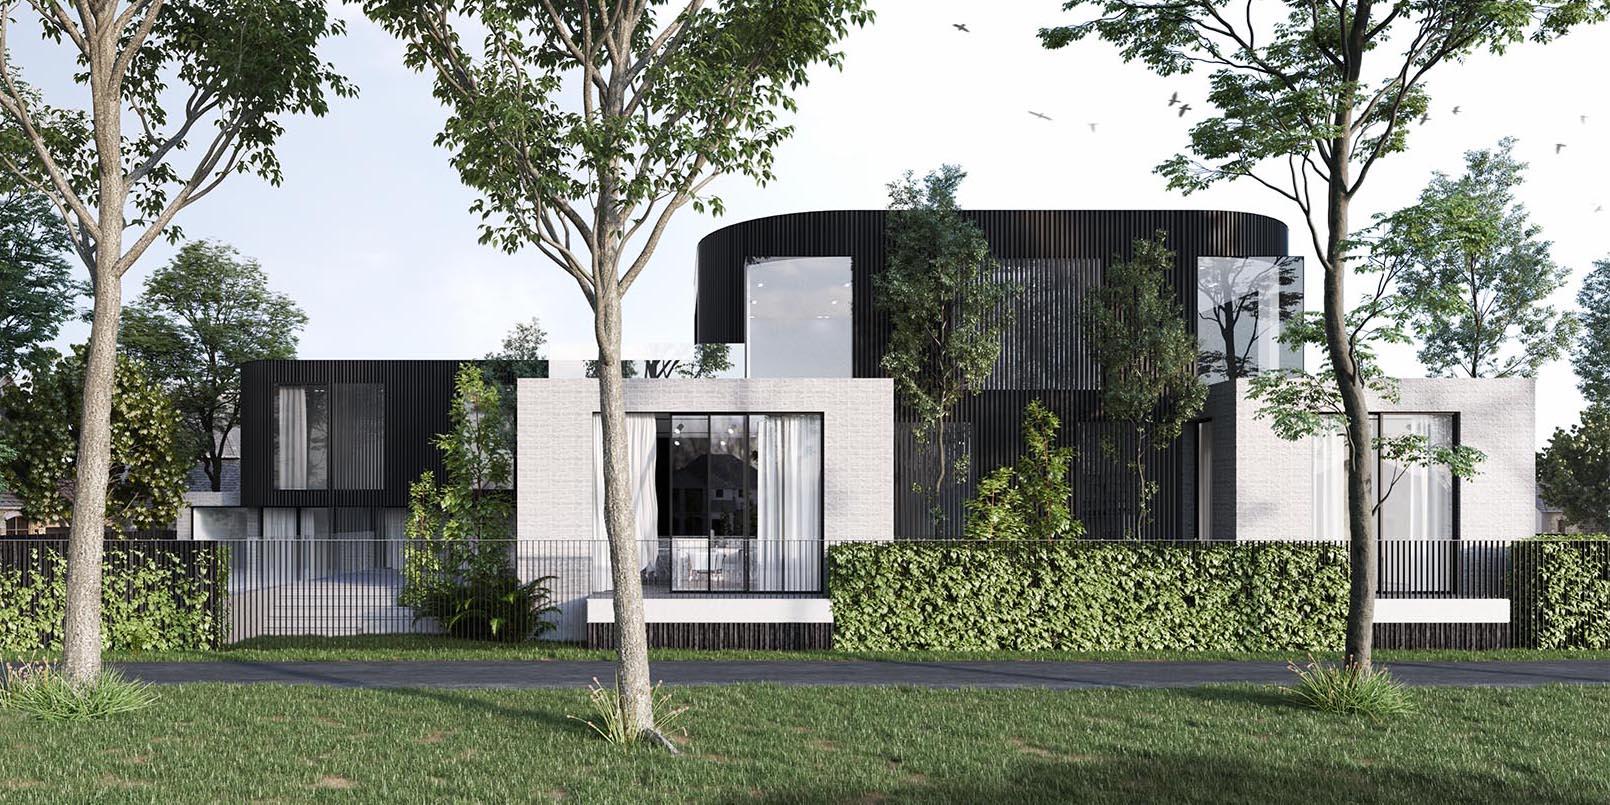 Taylor_Pressly_Architects - Canopy 03.jpg